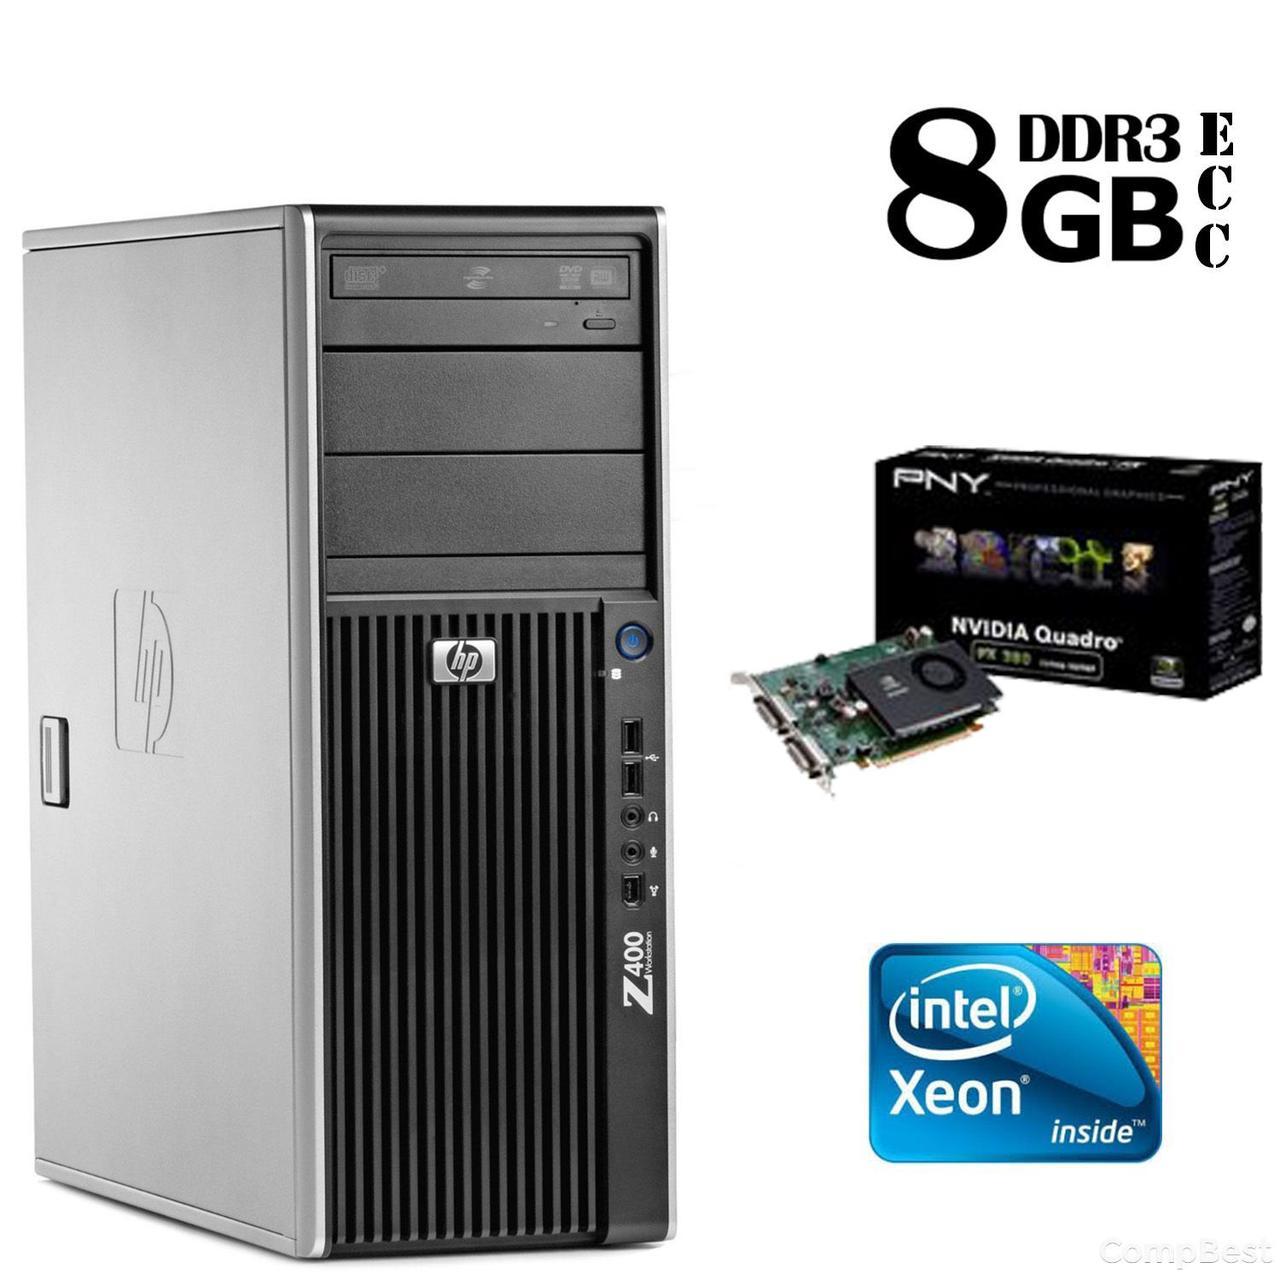 Сервер HP Z400 Tower / Intel® Xeon® W3503 (2 ядра по 2,4 GHz) / 8GB DDR3/ 500 GB HDD / NVIDIA Quadro FX 380